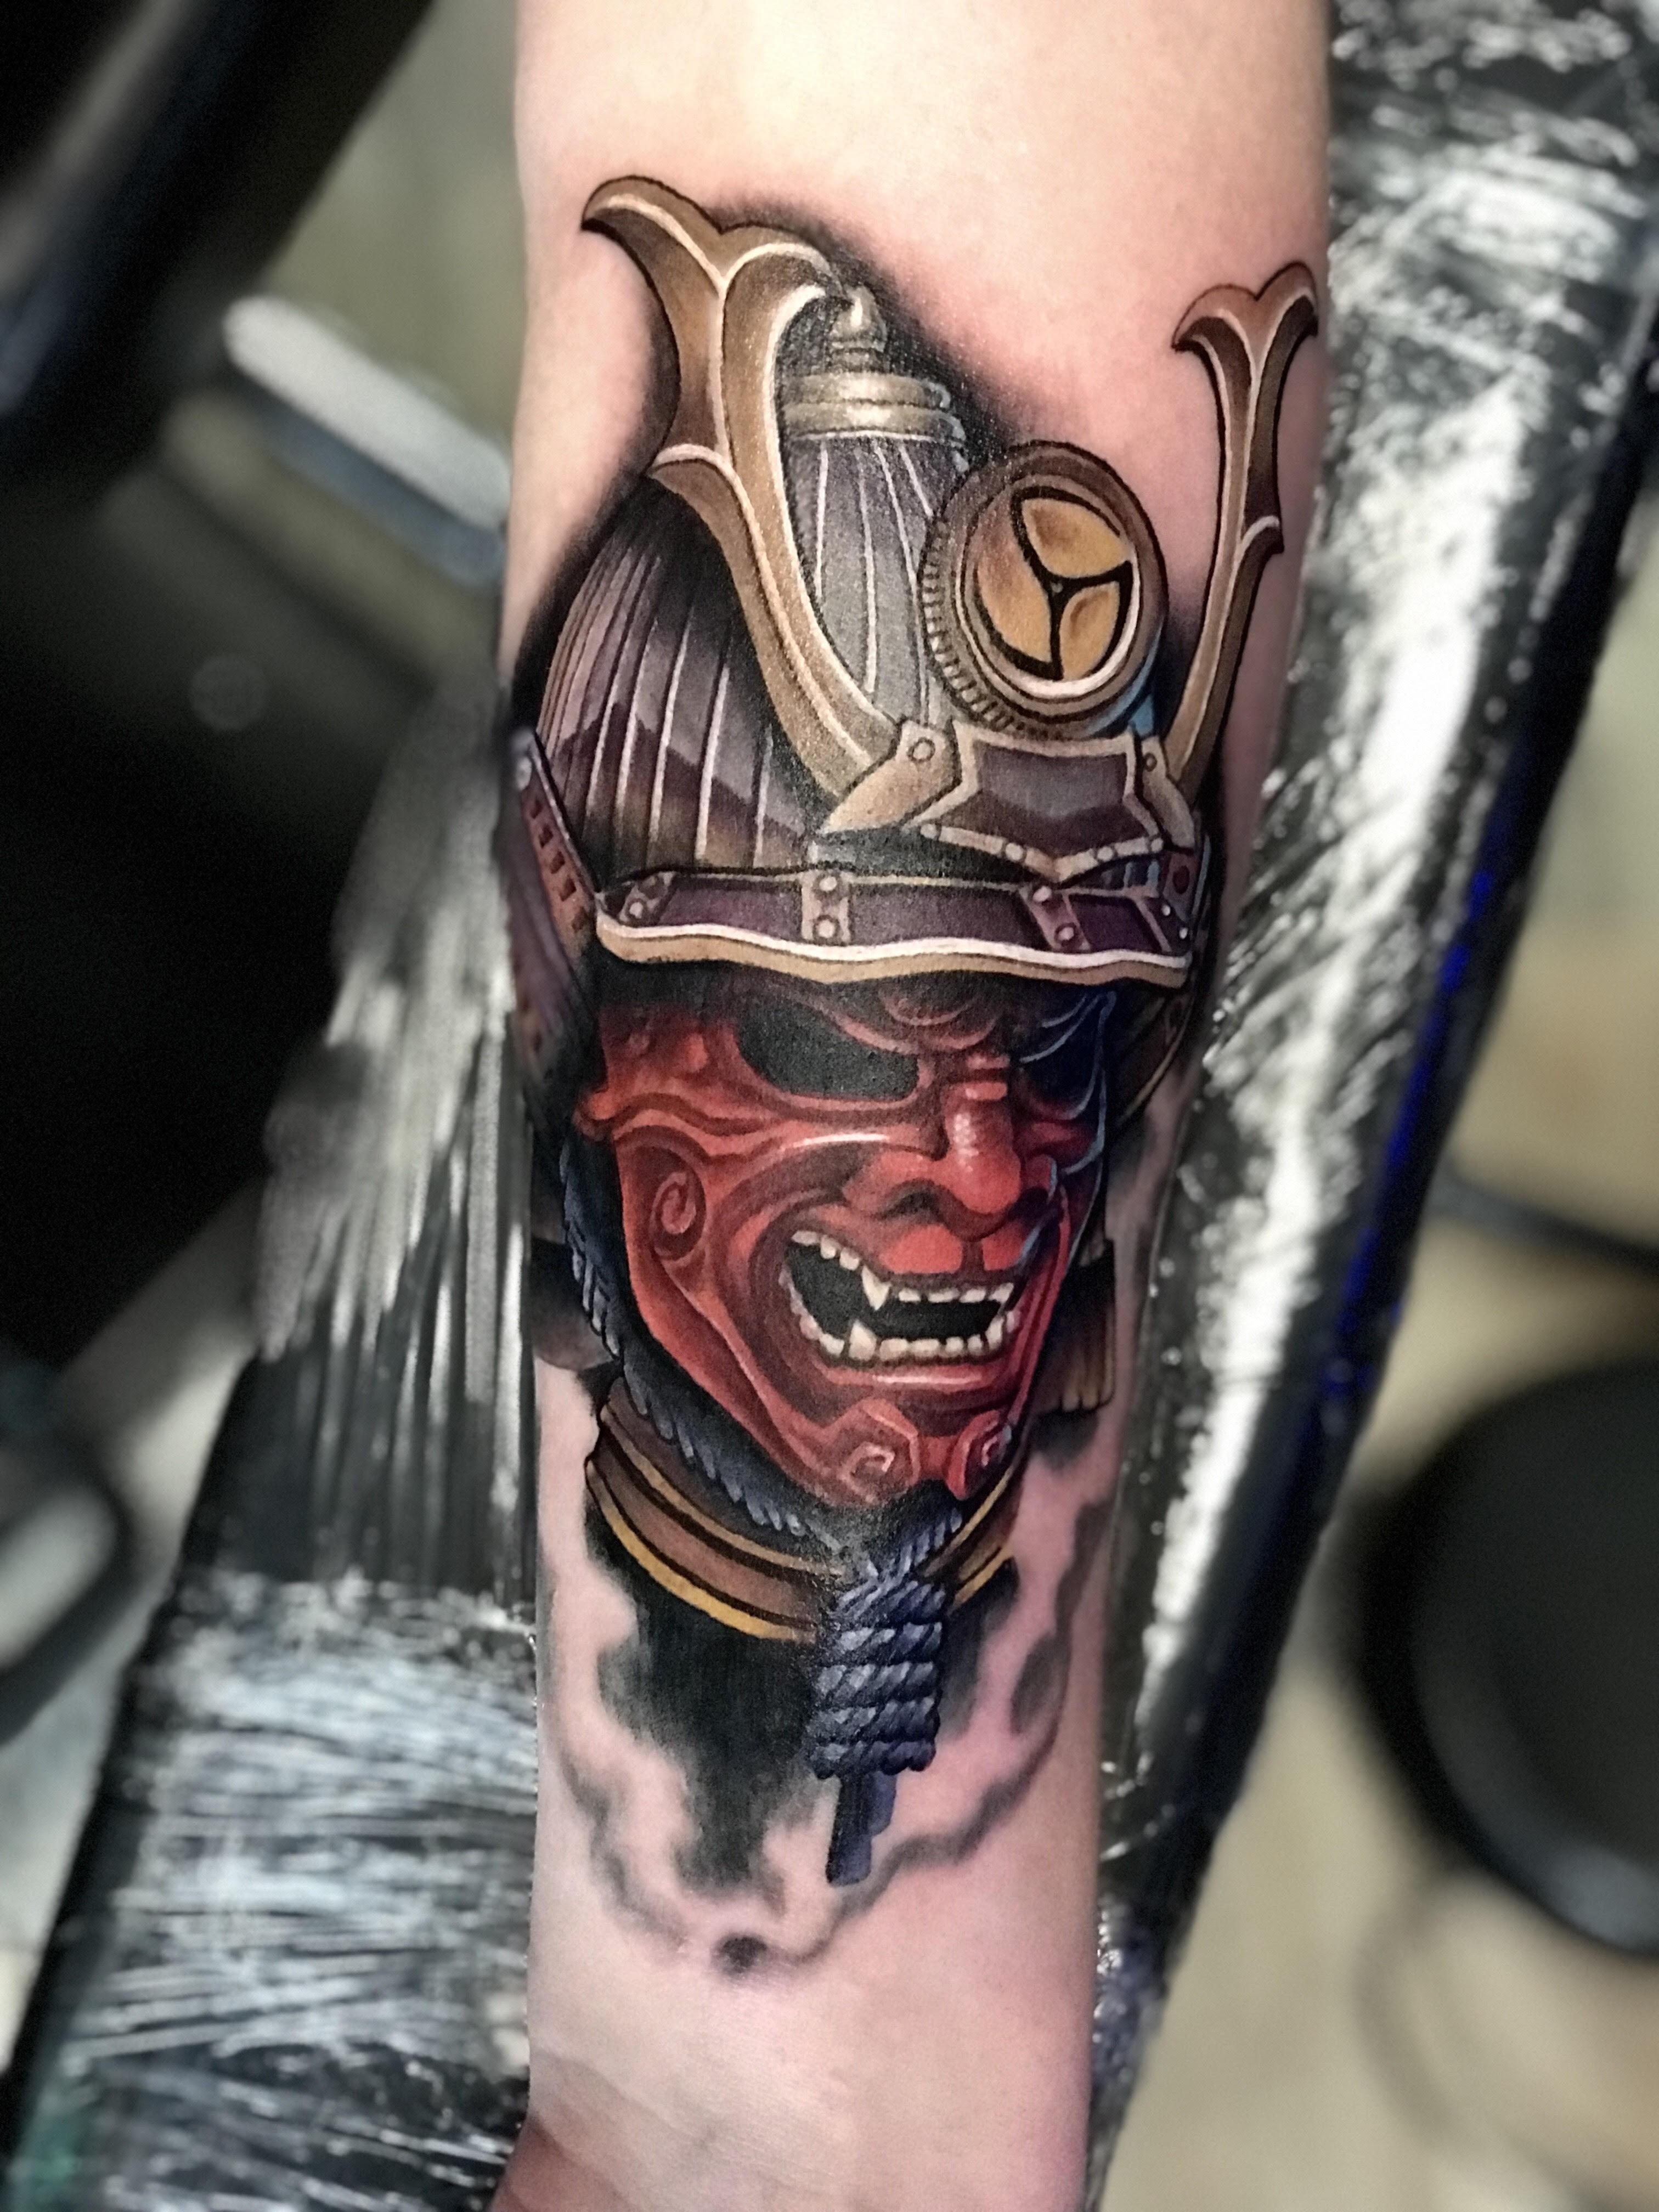 Samurai Tattoo by Krystof